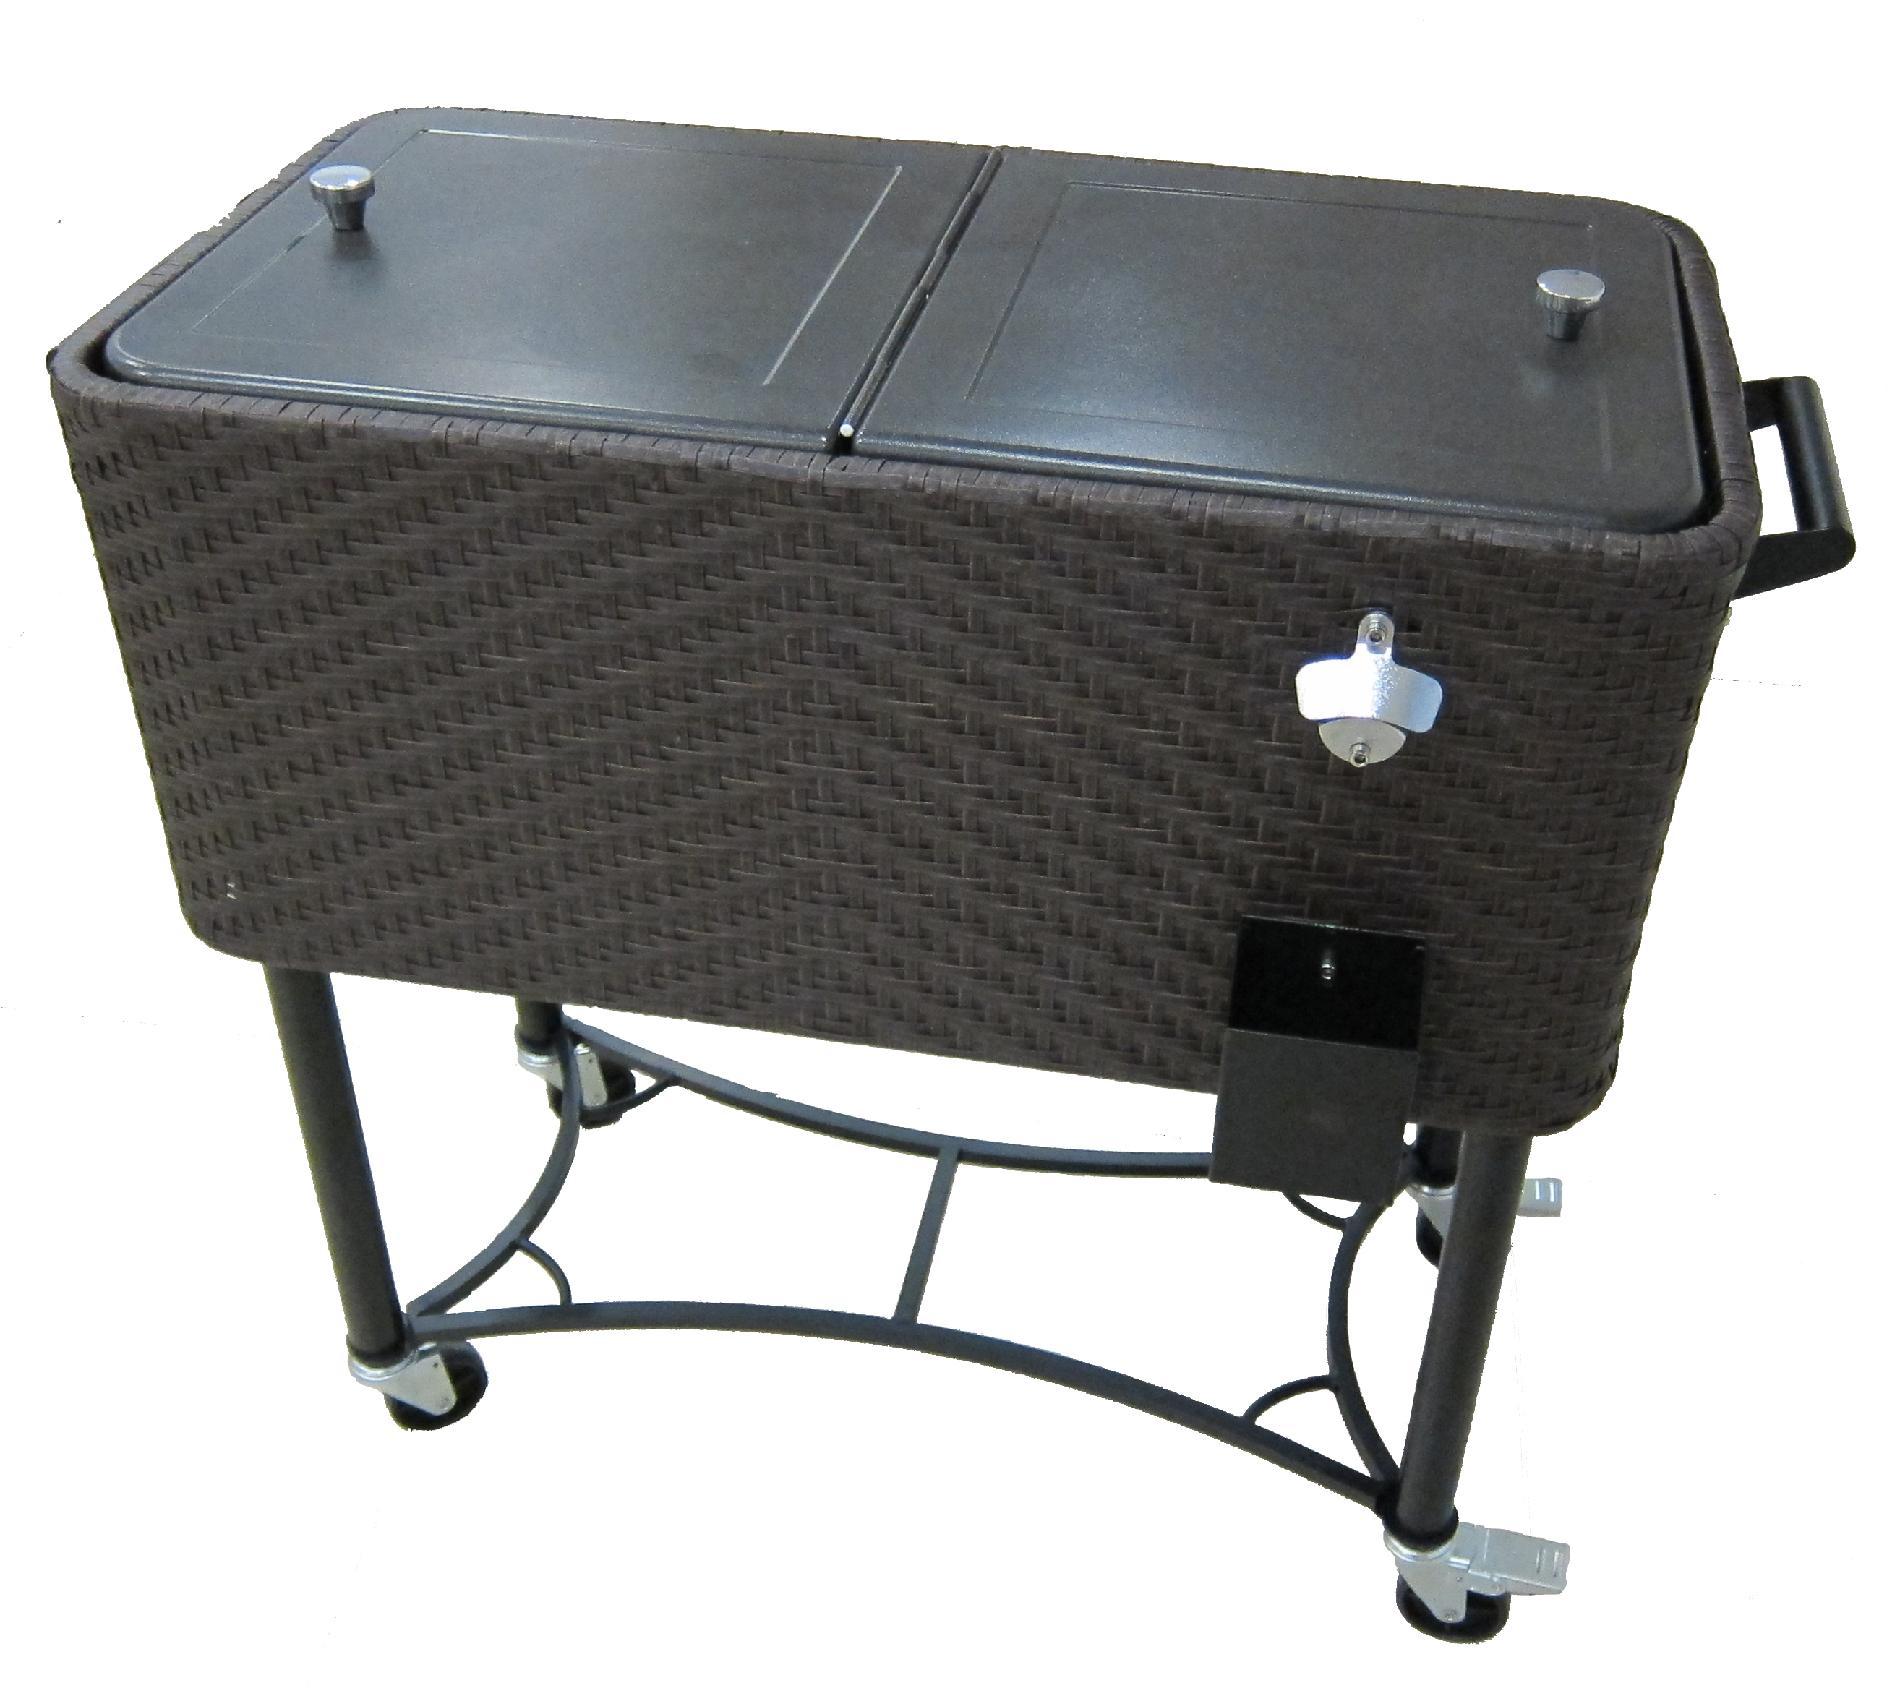 Ty Pennington Style Sunset Beach Wicker Cooler - Outdoor